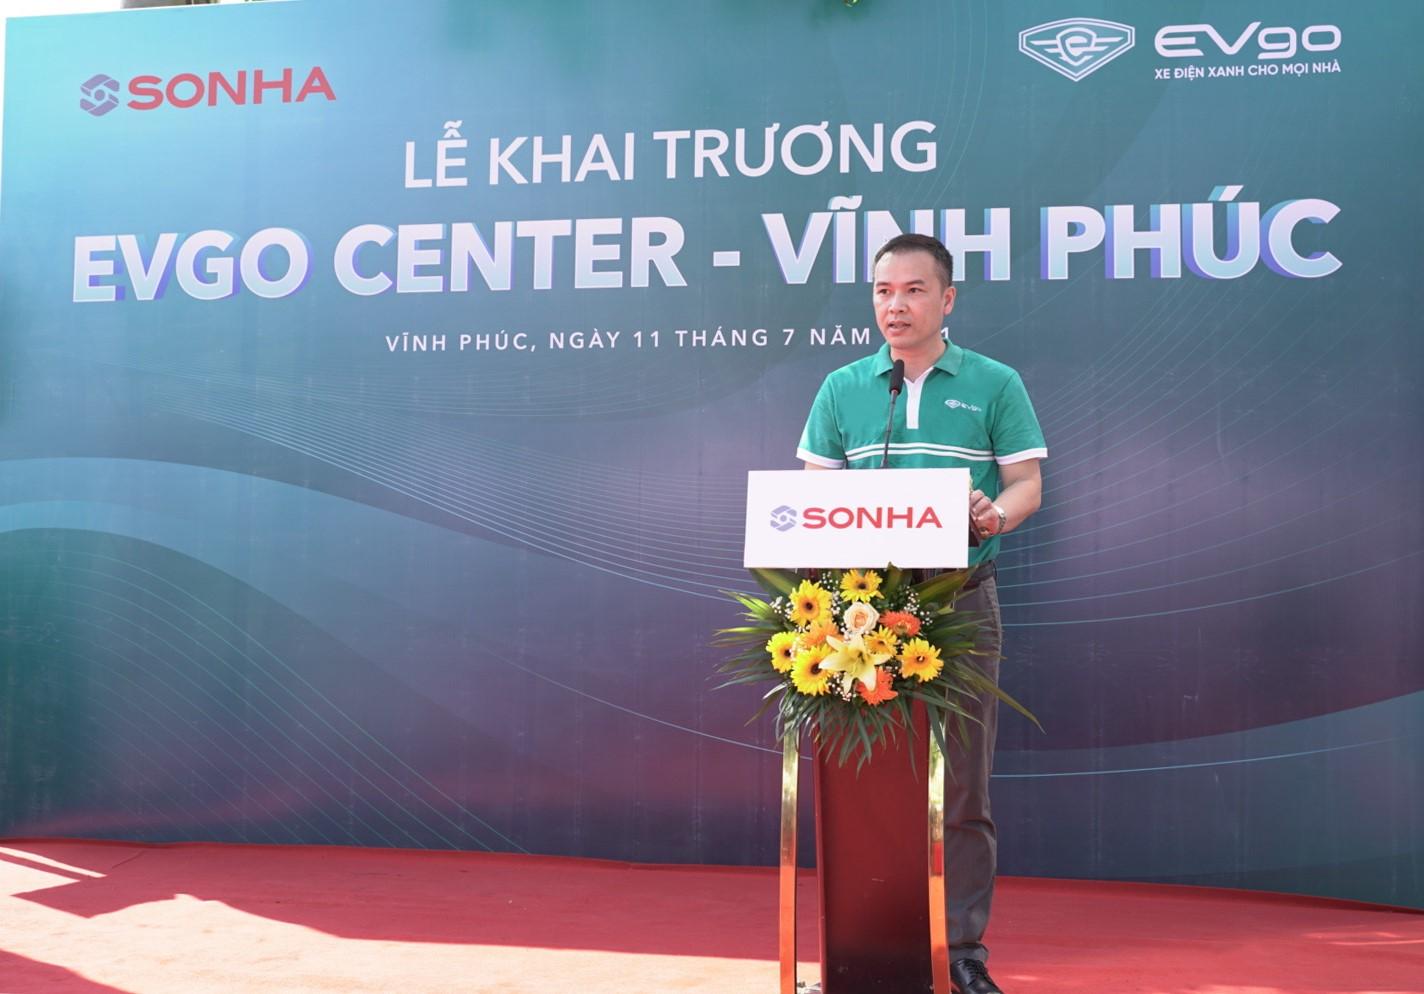 EVgo Center Vĩnh Phúc khai trương vào ngày 11/7.